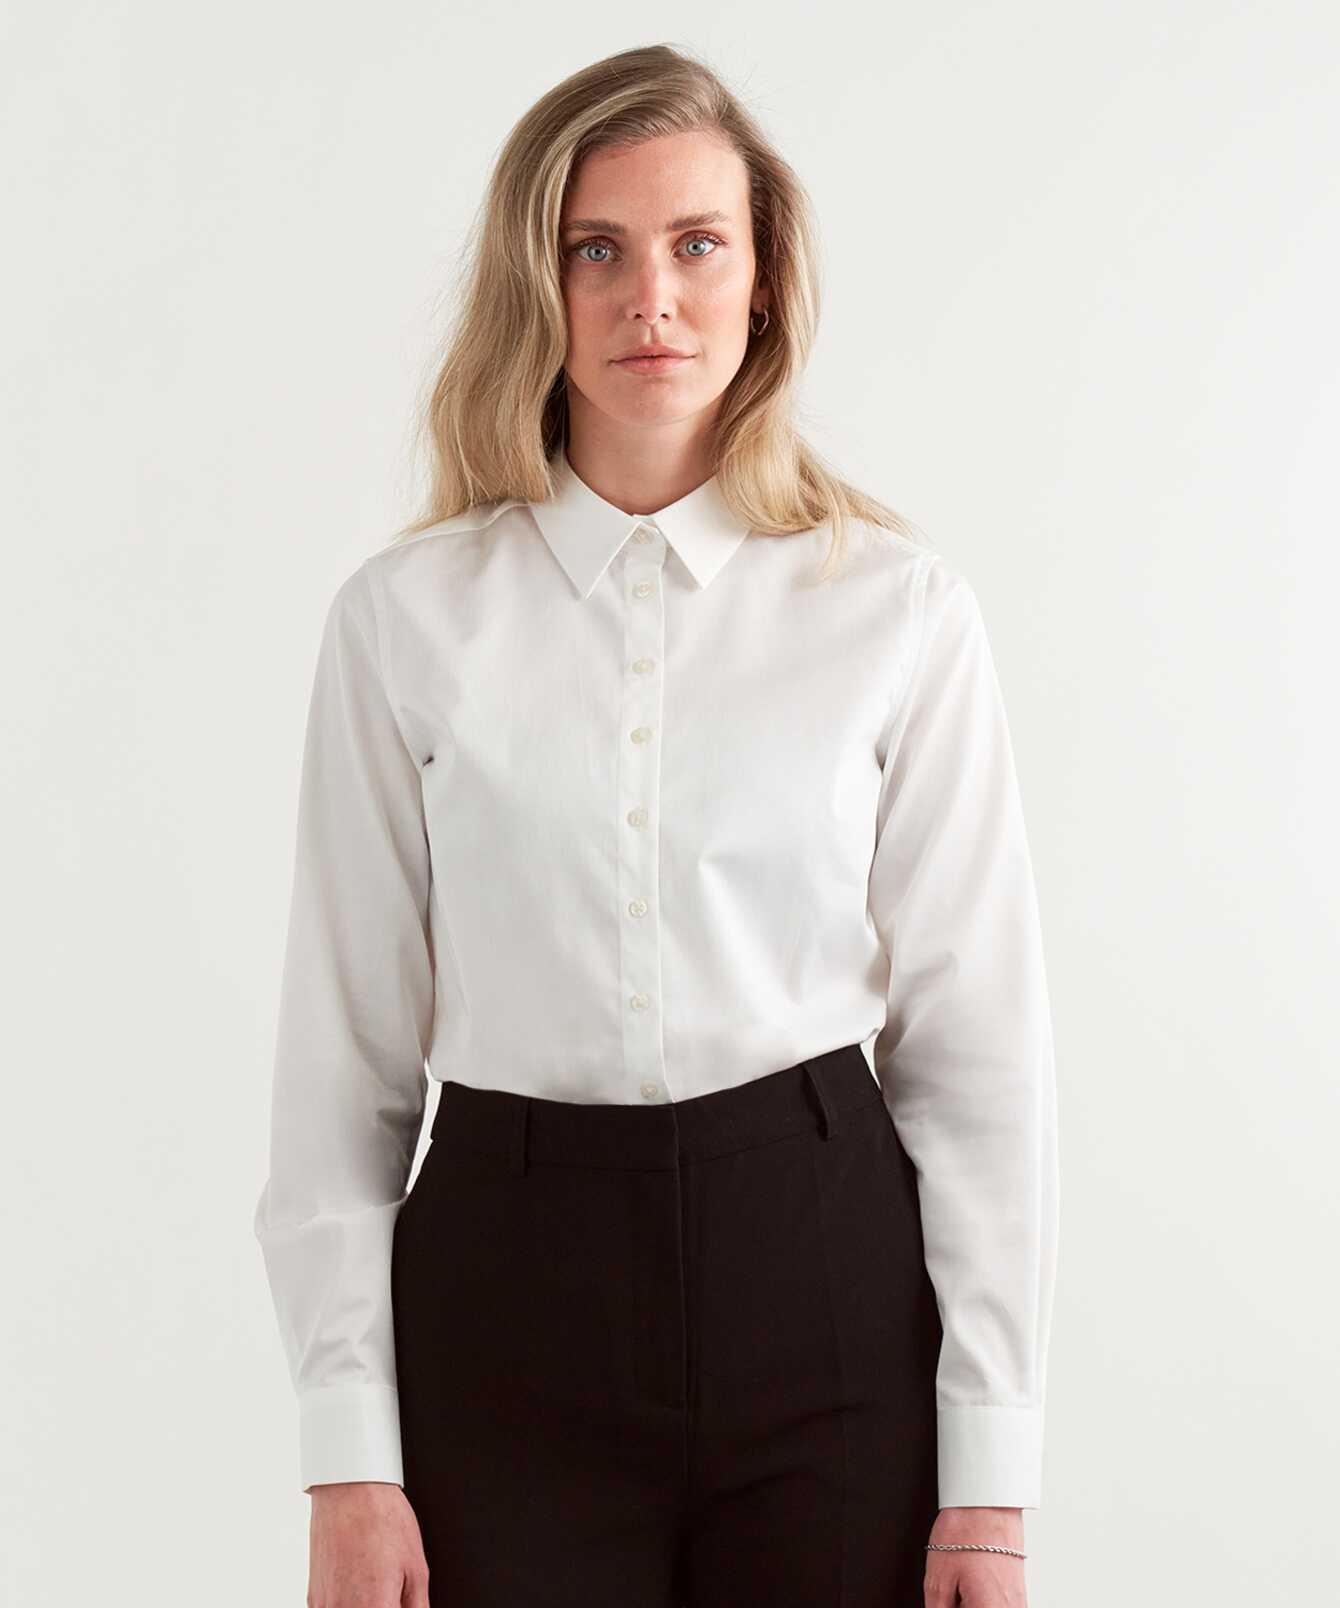 Shirt Tilde Cotton Poplin  The Shirt Factory